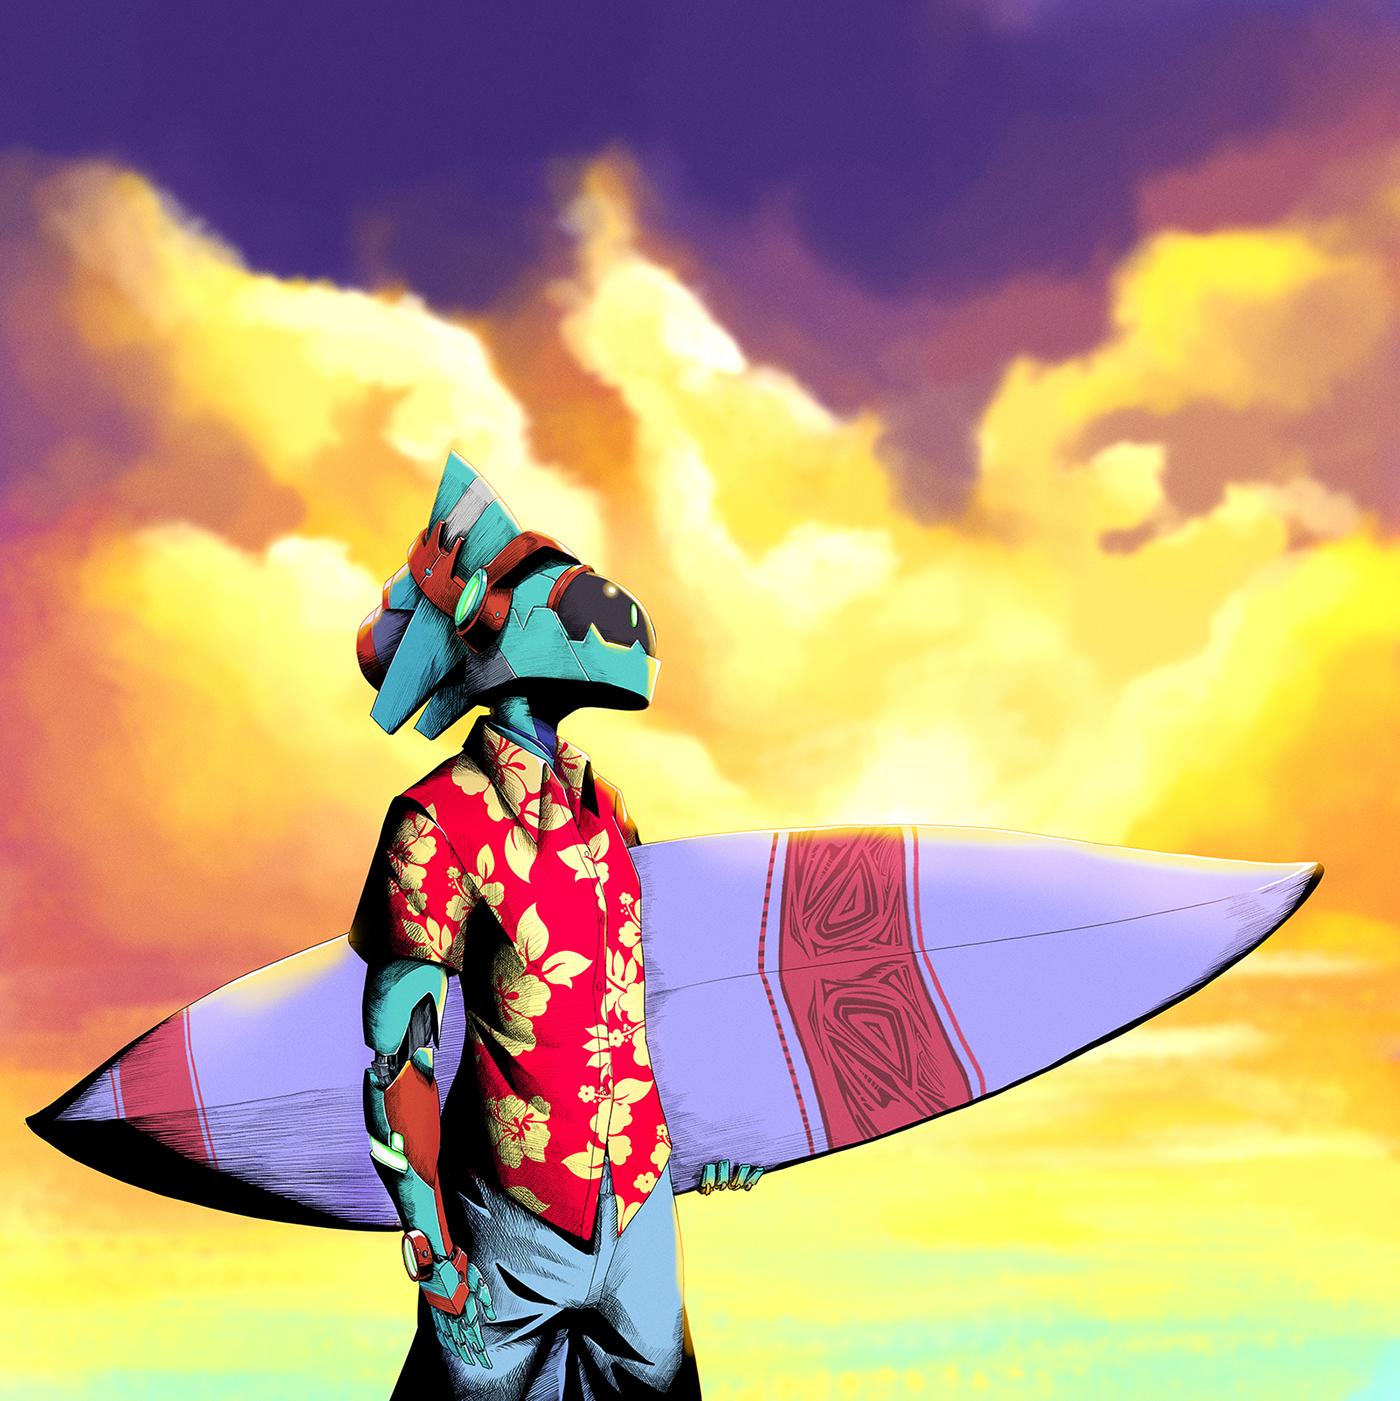 surfer sea summer surfing robot mech beach surfing board sunset logo